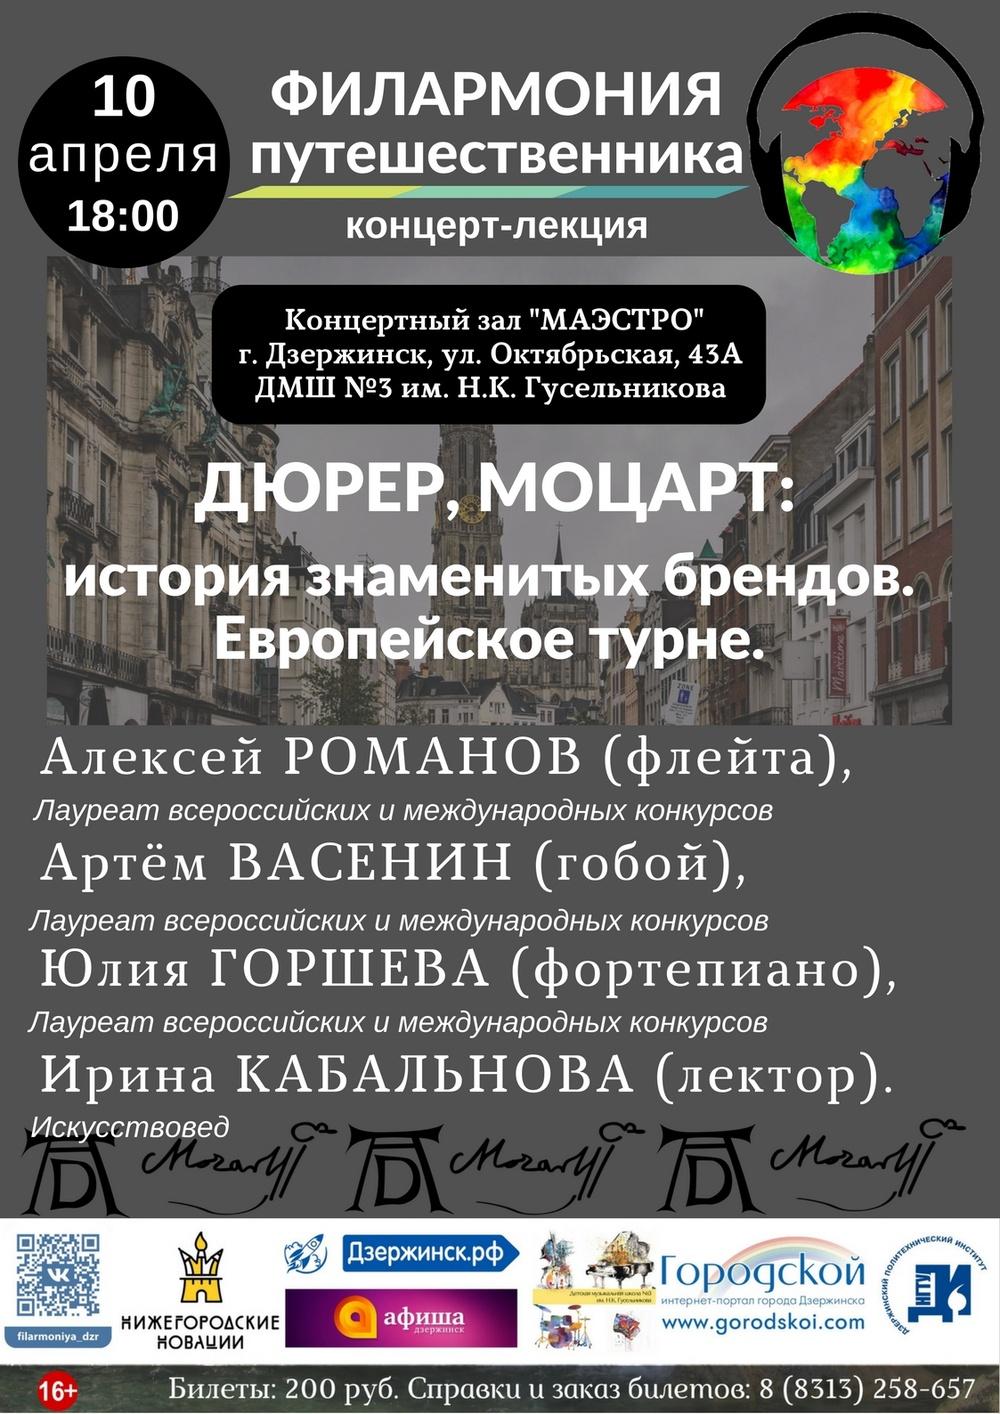 Концерт-лекция «Дюрер, Моцарт: история знаменитых брендов» состоится 10 апреля в Дзержинске